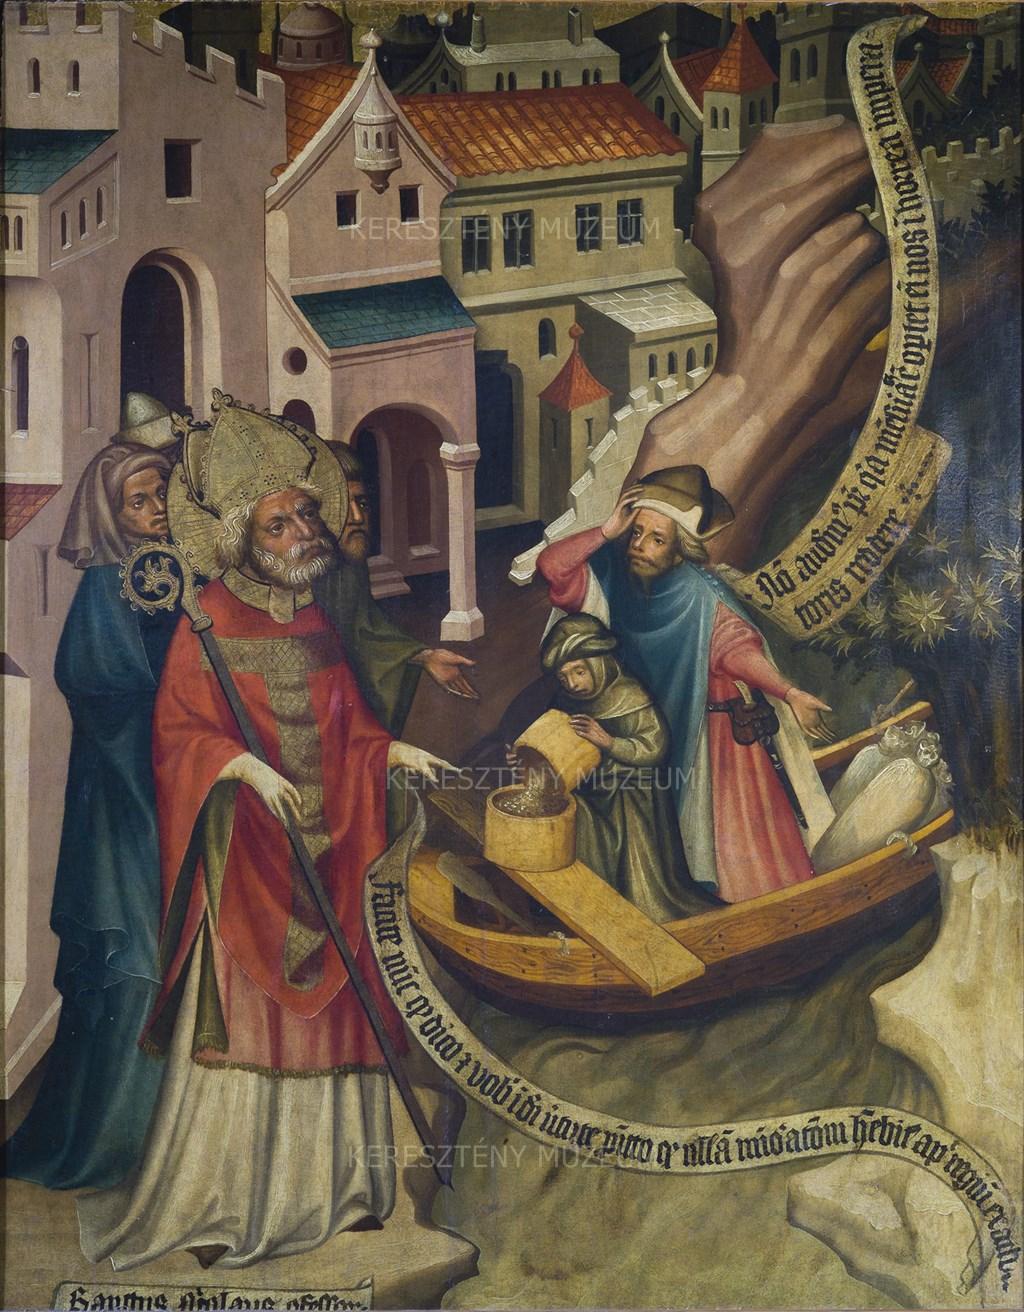 An essay on medieval calvary